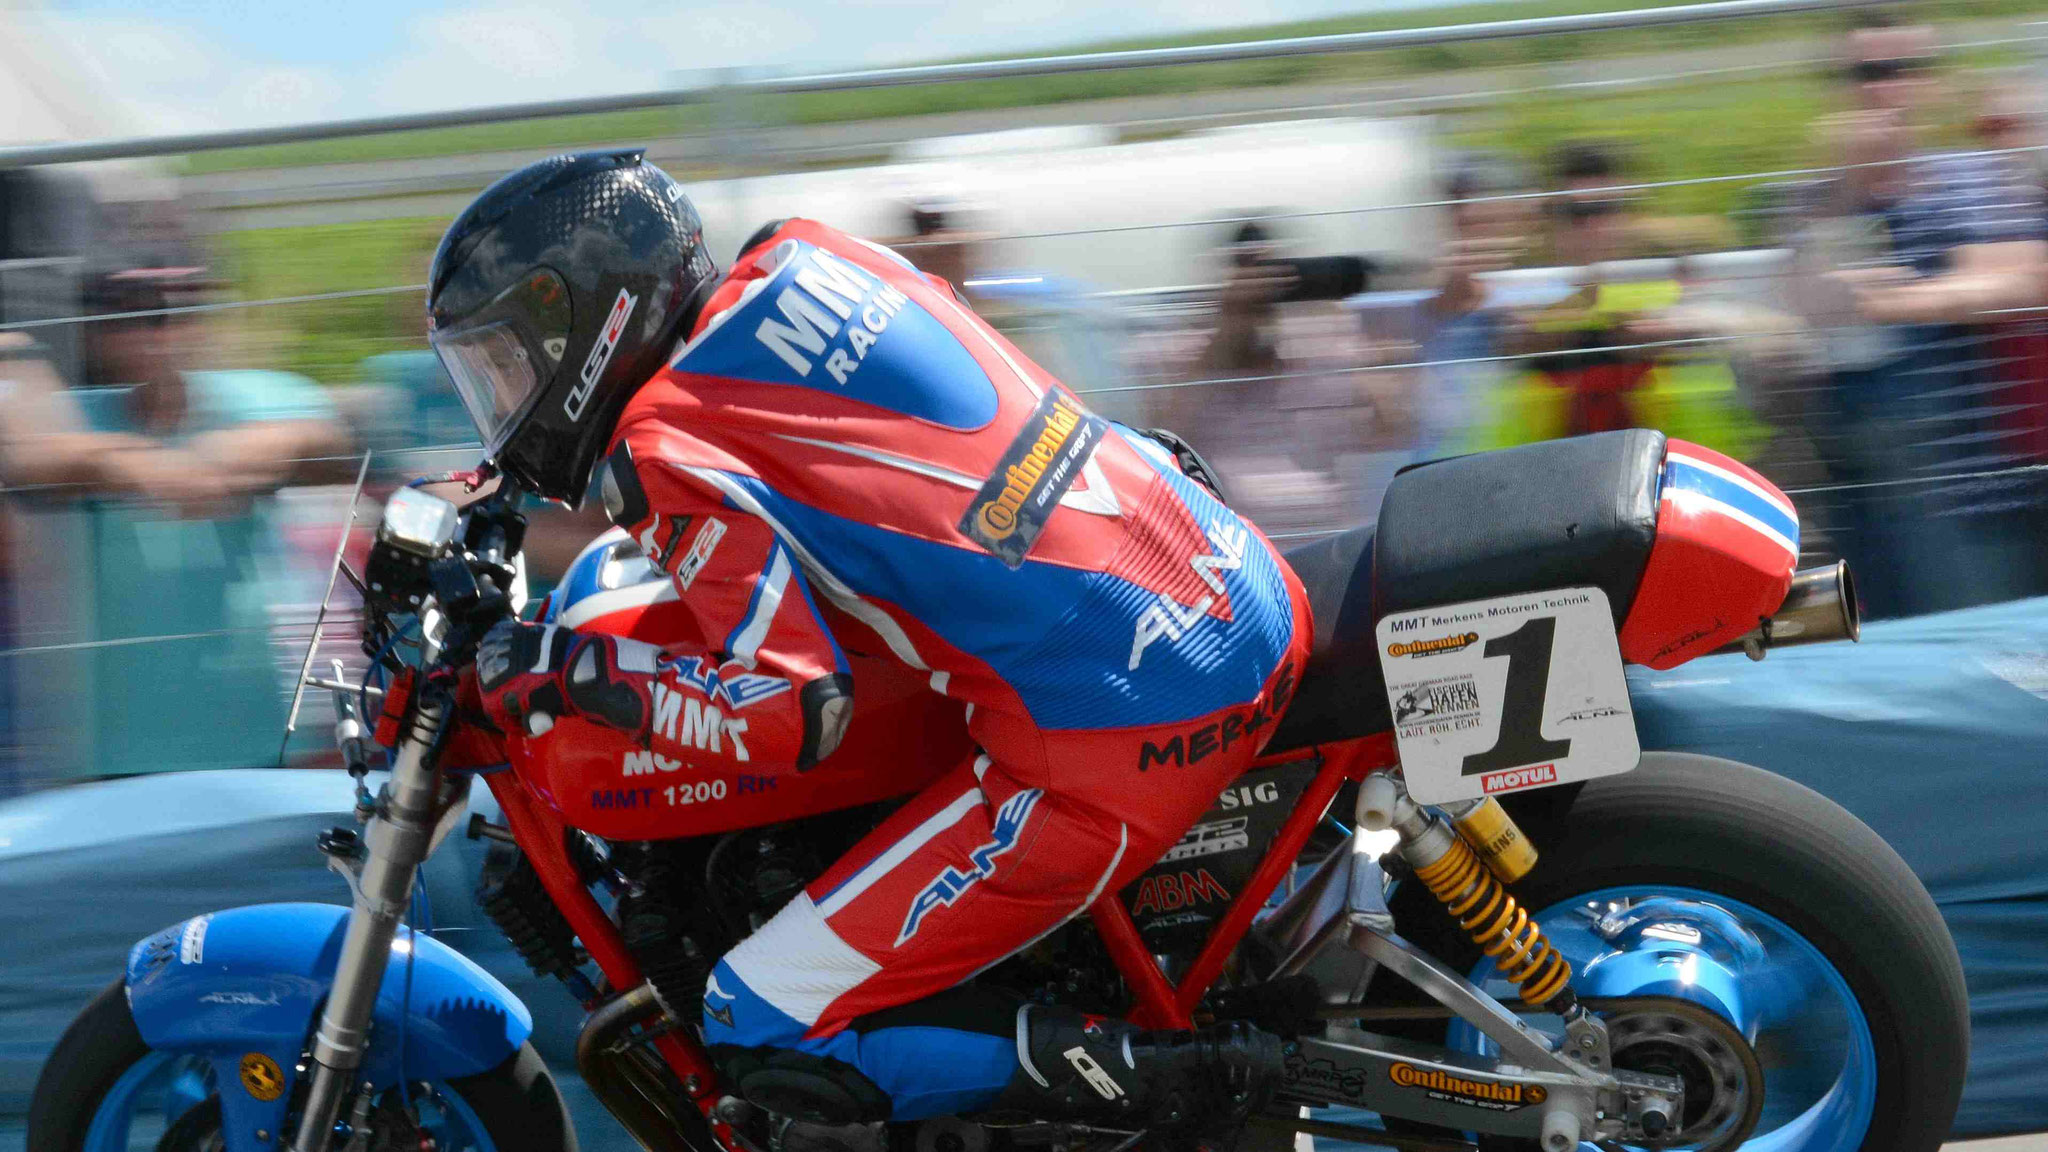 Stefan Merkens / MMT 1200 RR 1986